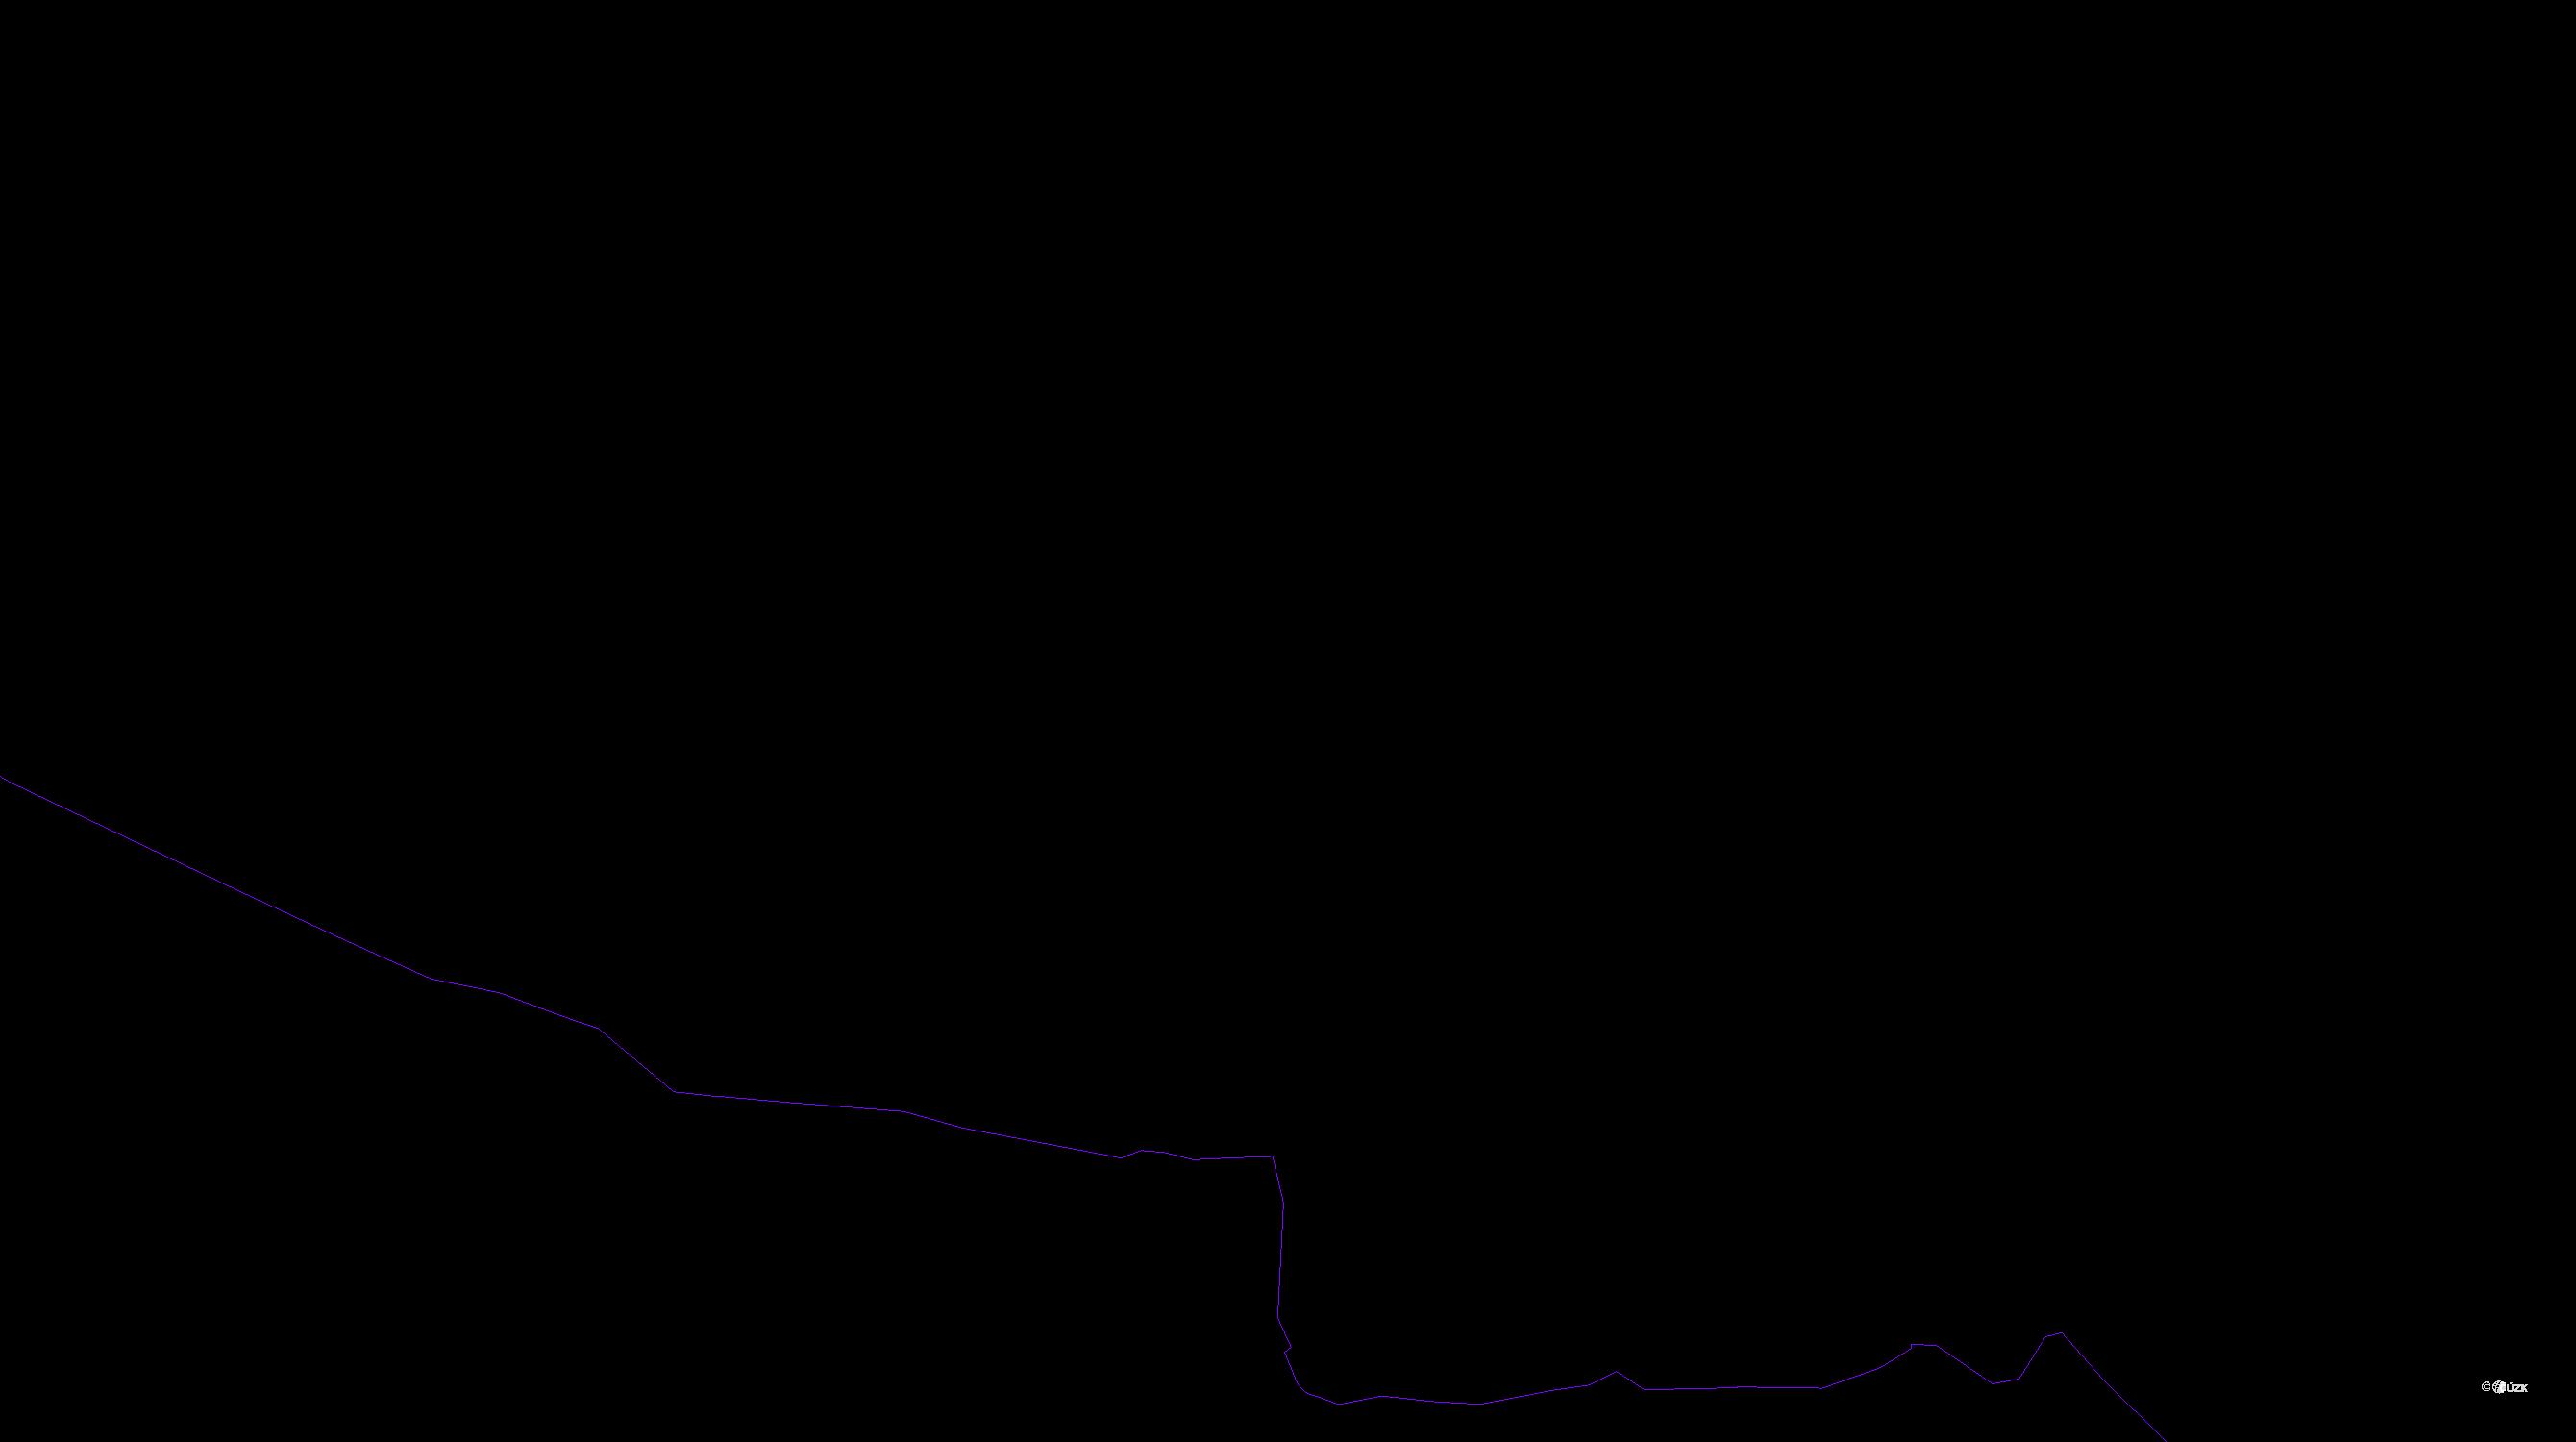 Katastrální mapa pozemků a čísla parcel Kojkovice u Třince